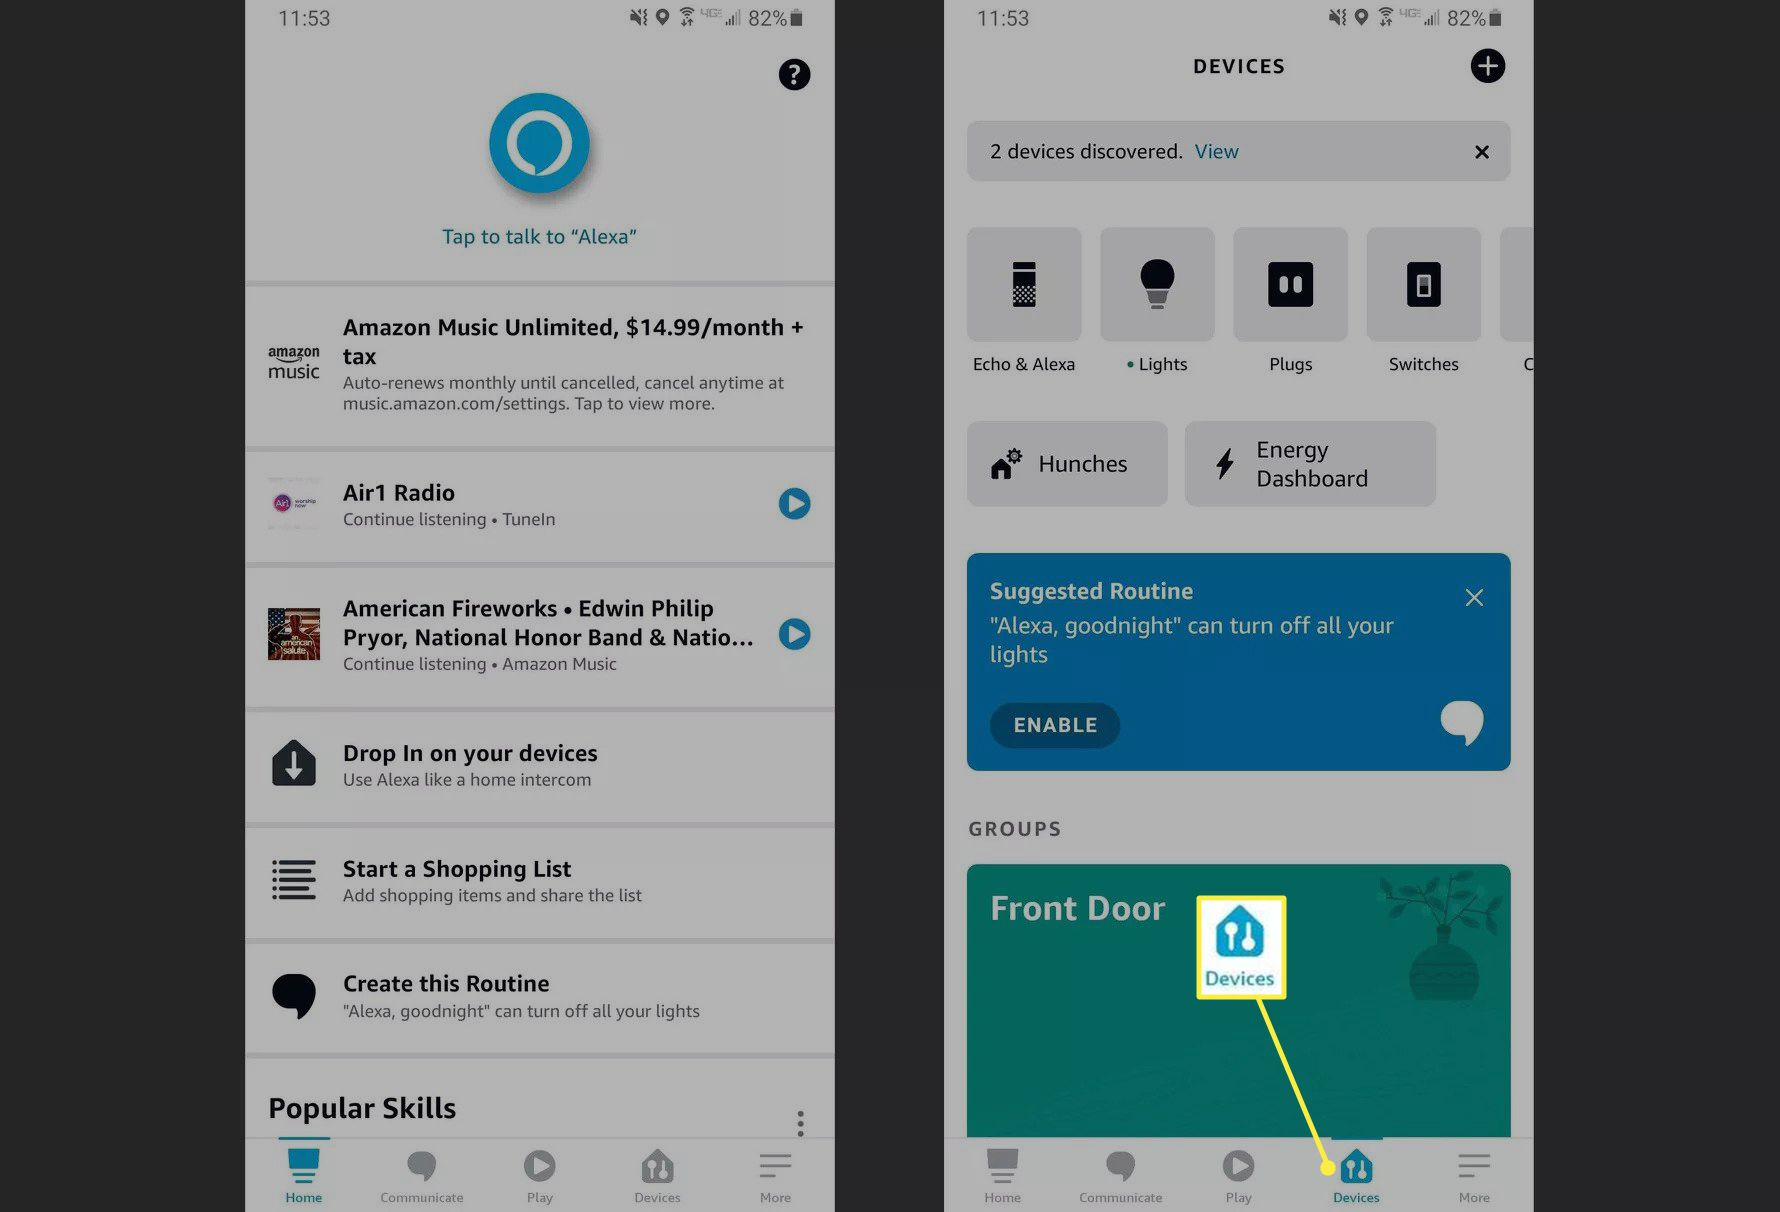 Devices tab in Amazon Alexa app